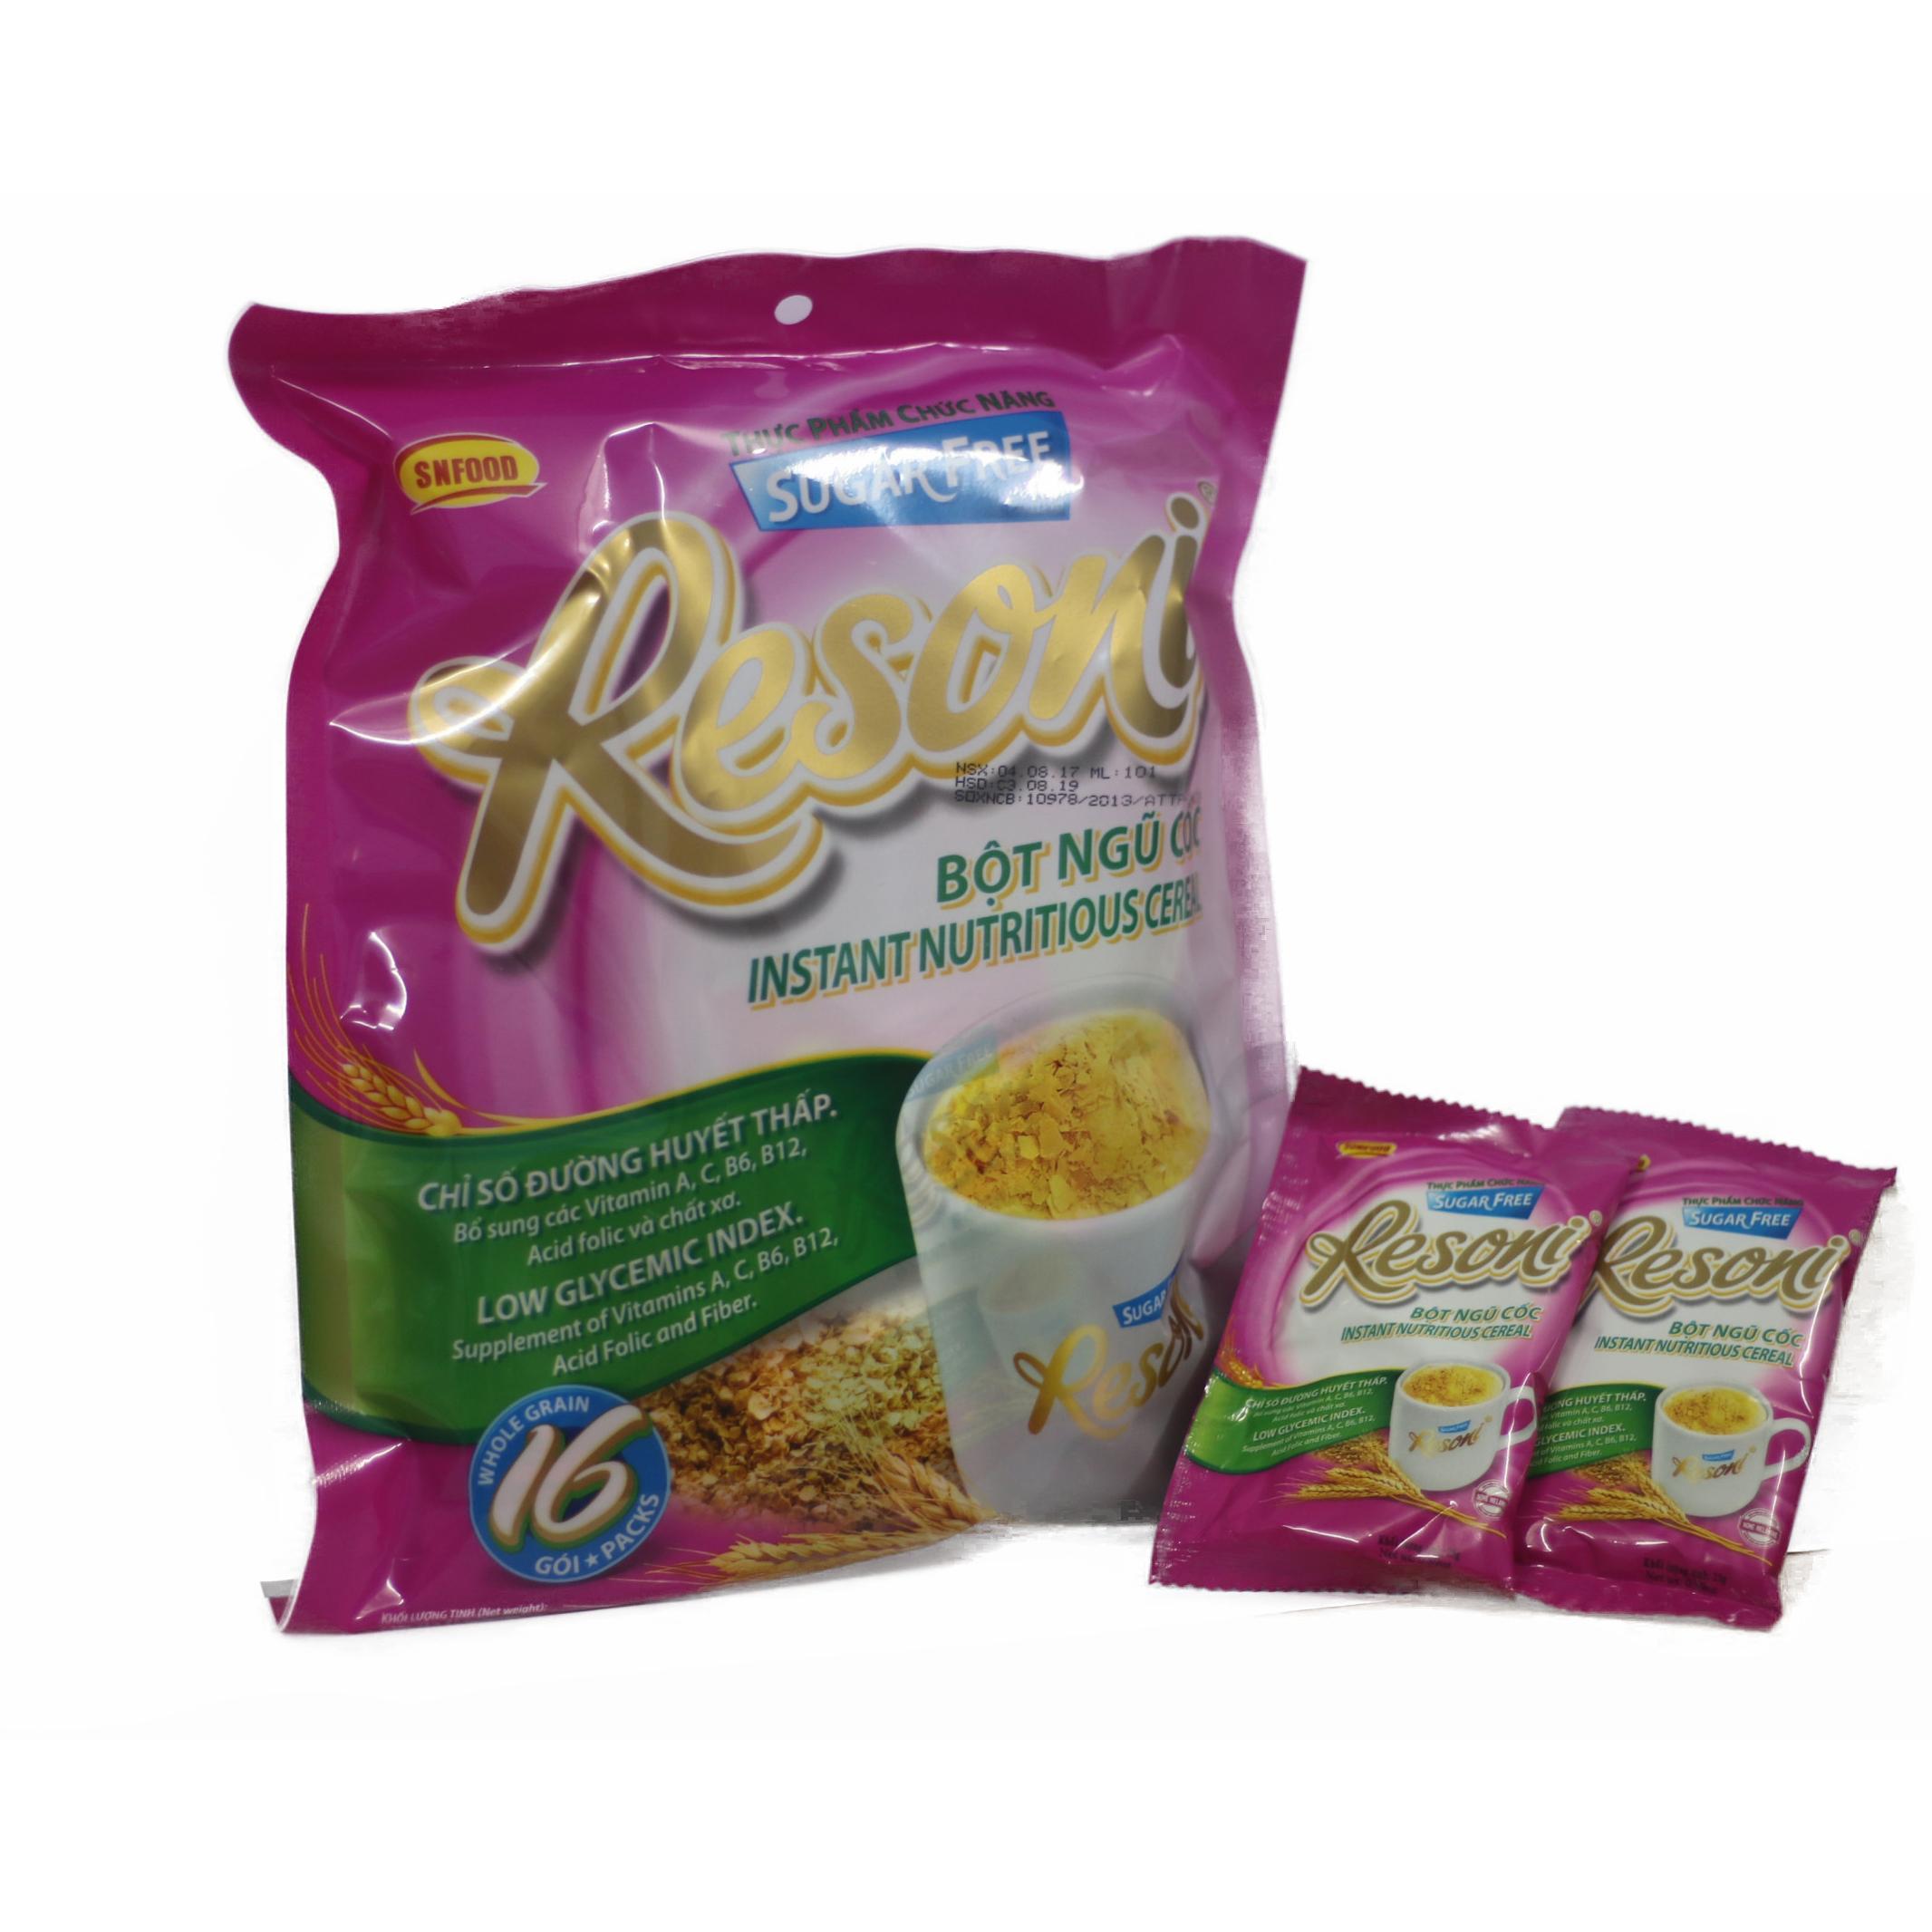 Bột ngũ cốc  Resoni - Thực phẩm chức năng dành cho người ăn kiêng, tiểu đường - 926342 , 7423152642608 , 62_1944767 , 57000 , Bot-ngu-coc-Resoni-Thuc-pham-chuc-nang-danh-cho-nguoi-an-kieng-tieu-duong-62_1944767 , tiki.vn , Bột ngũ cốc  Resoni - Thực phẩm chức năng dành cho người ăn kiêng, tiểu đường